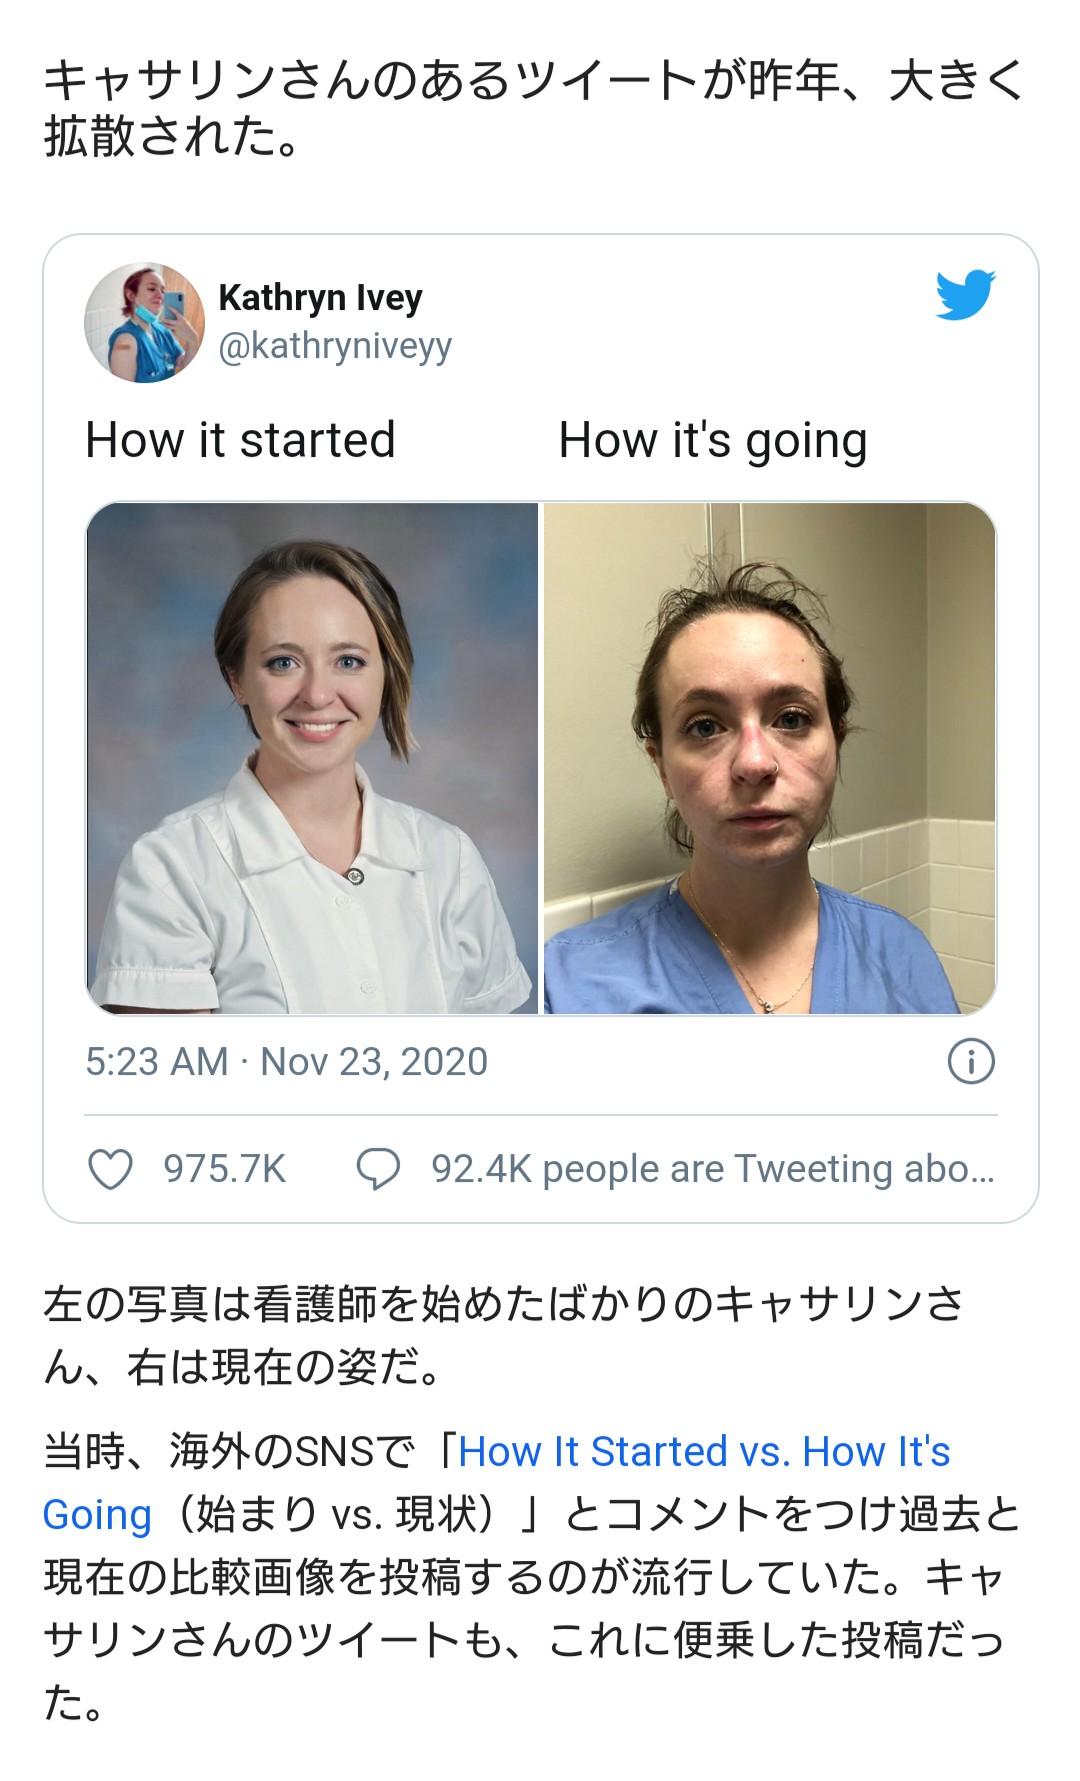 【画像】美人看護師さん(28)、コロナの激務で一年でボロボロに…😭